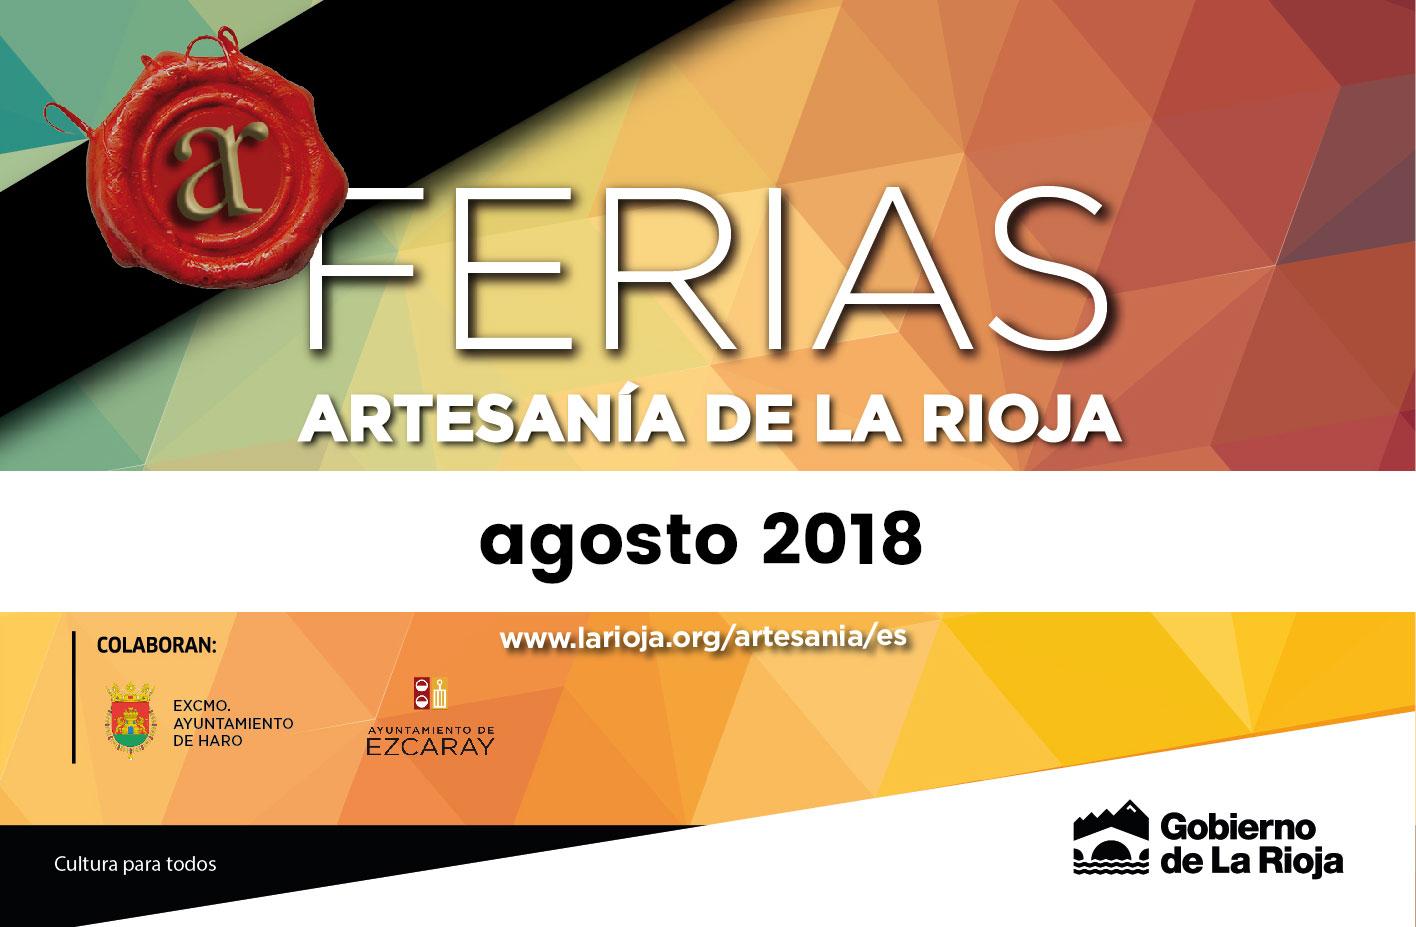 Las ferias de Artesanía de La Rioja este año una vez más en Haro y Ezcaray